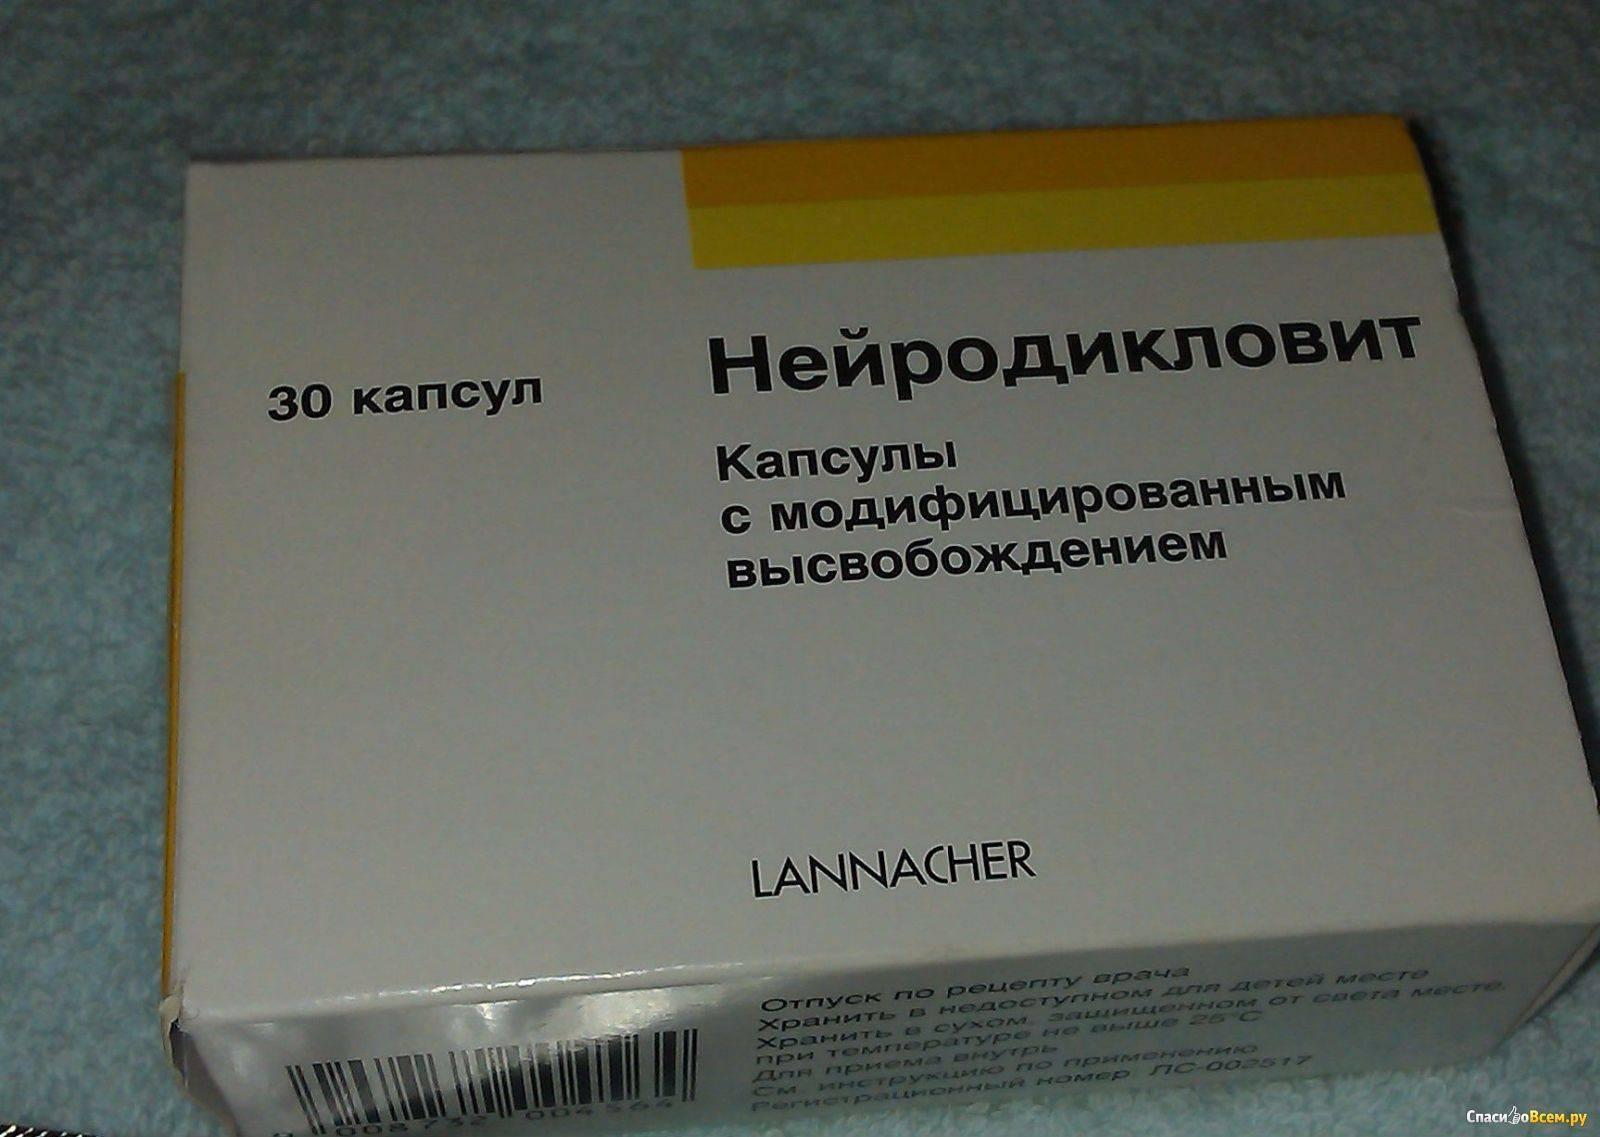 Таблетки от невралгии, обезболивающее при межреберной невралгии